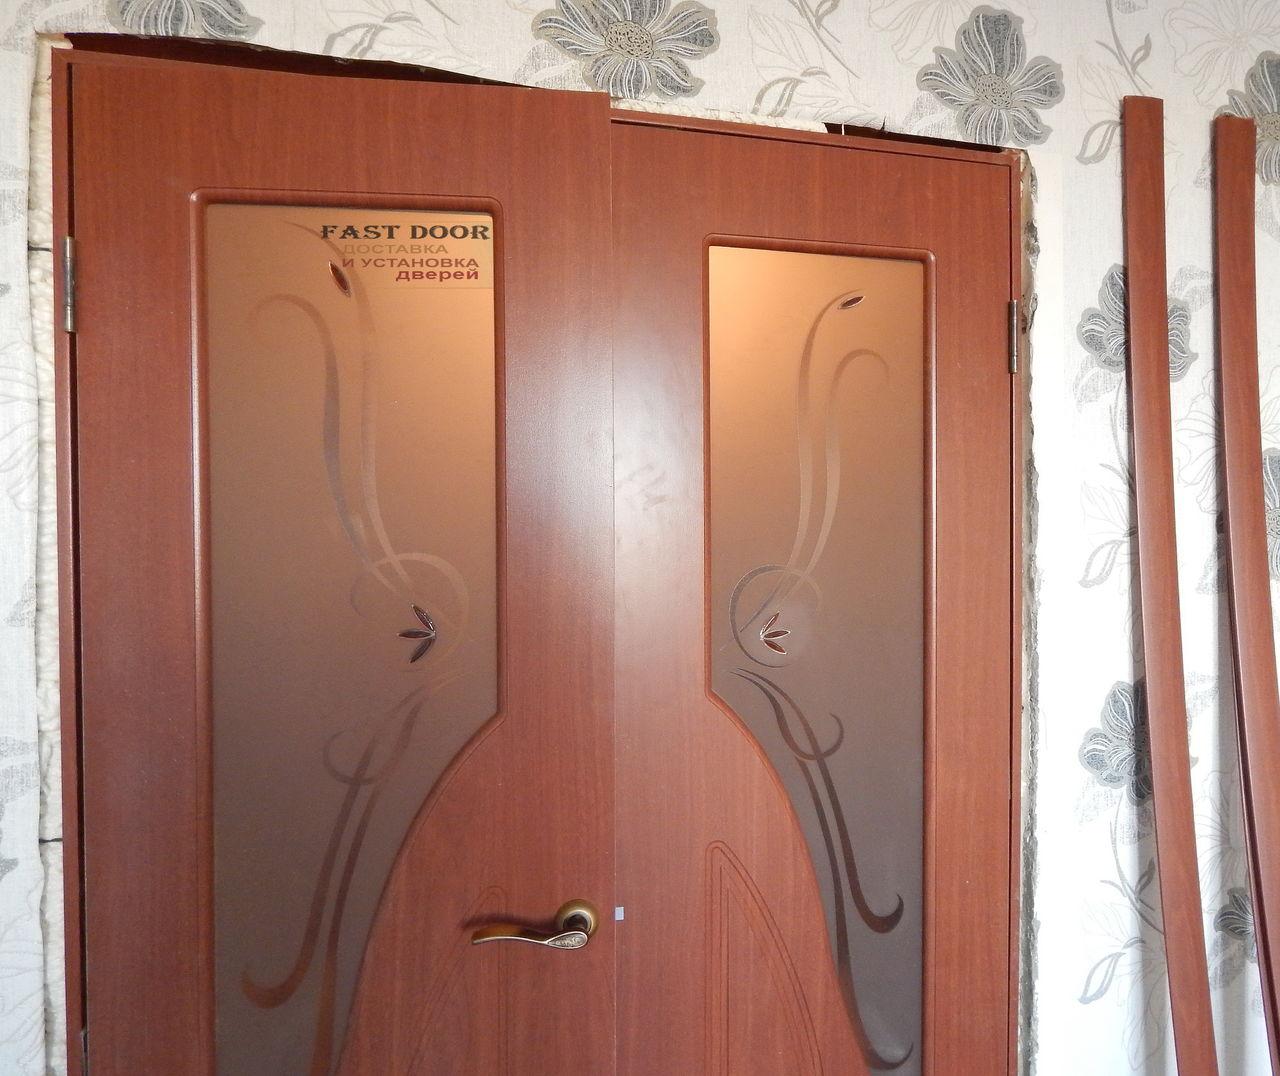 Установка межкомнатных двустворчатых дверей